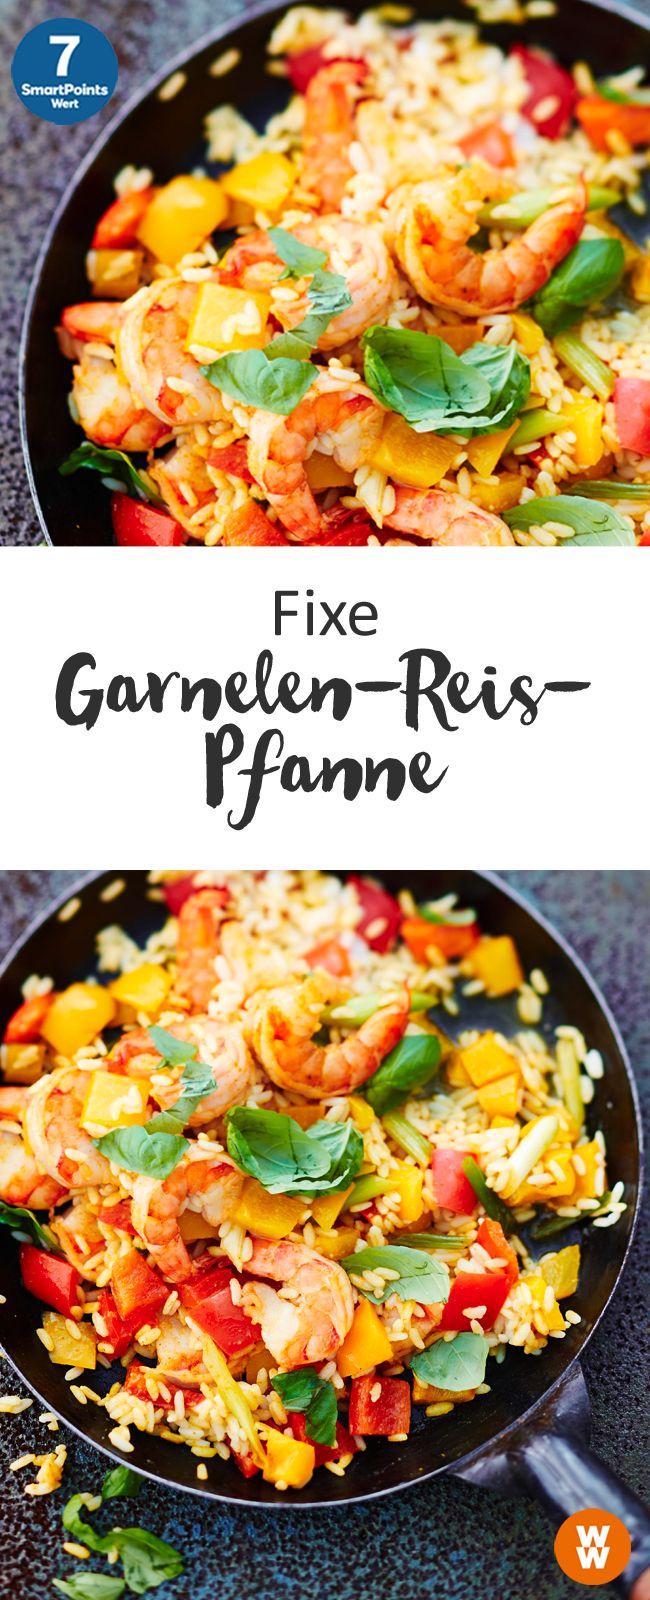 193 besten kreatives Essen Bilder auf Pinterest | Gesunde rezepte ...